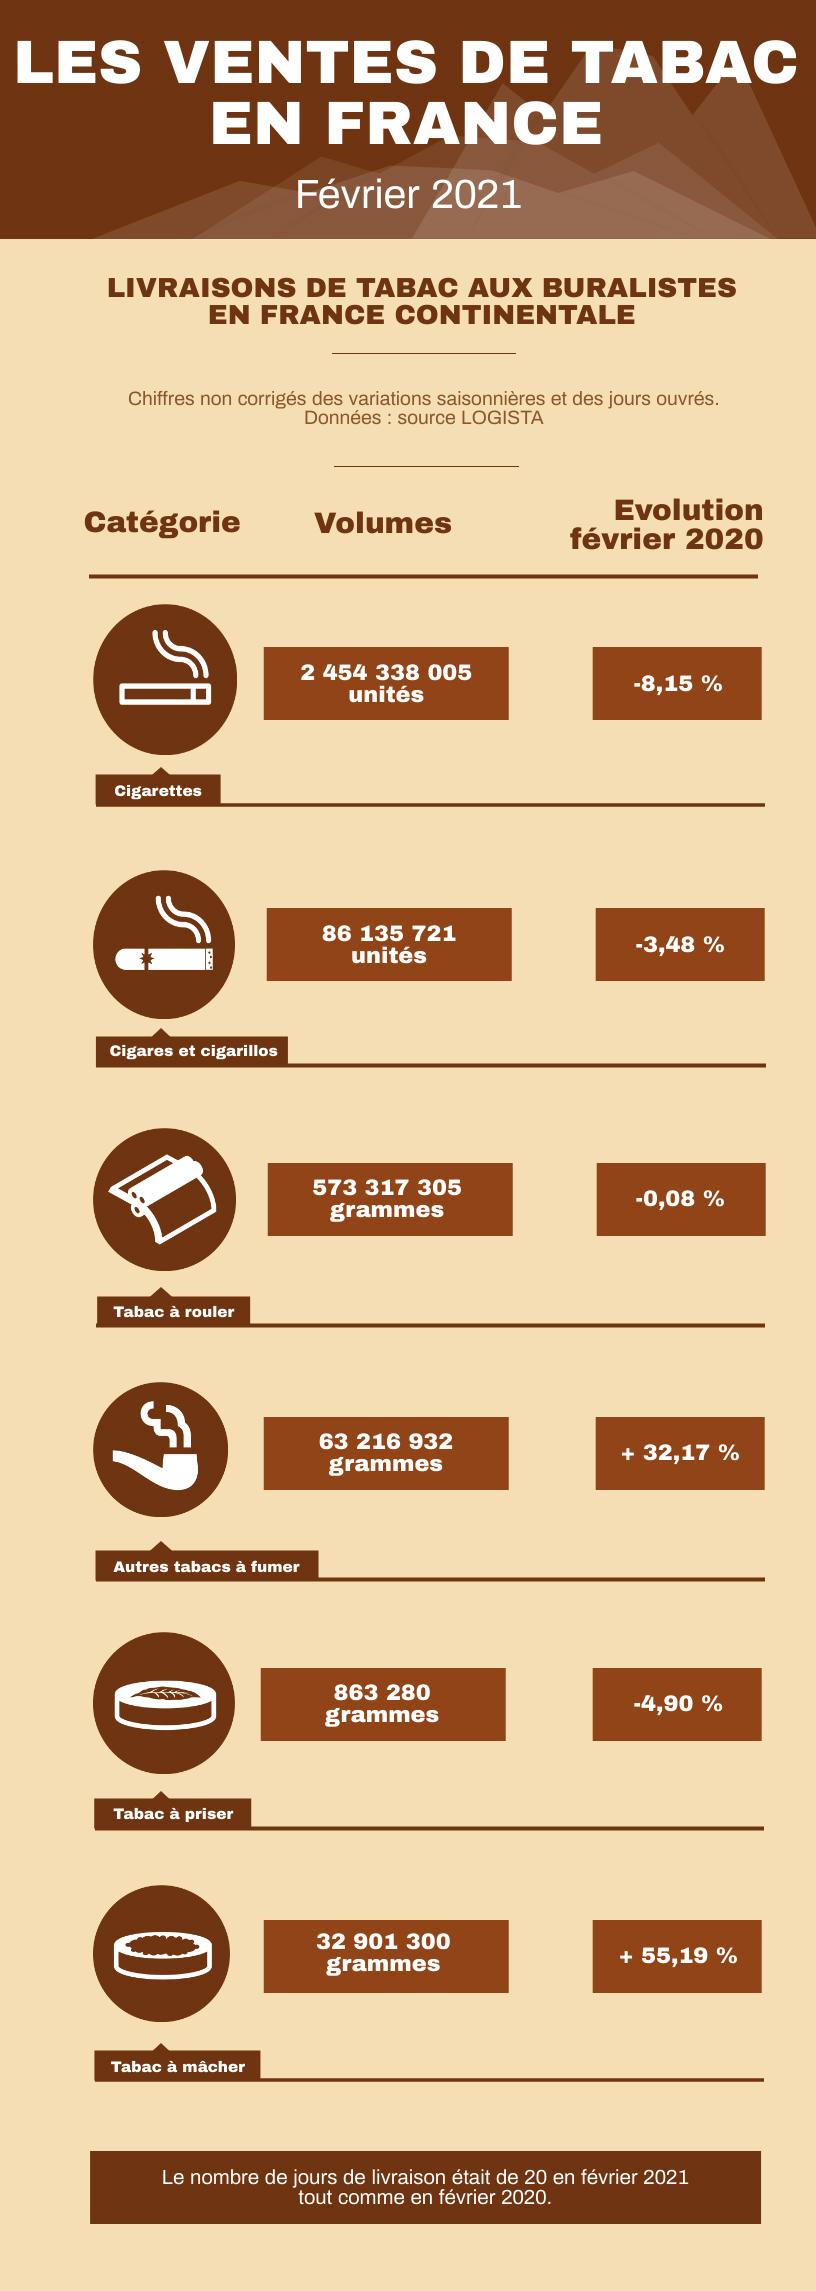 Infographie des ventes de tabacs en France métropolitaine en février 2021